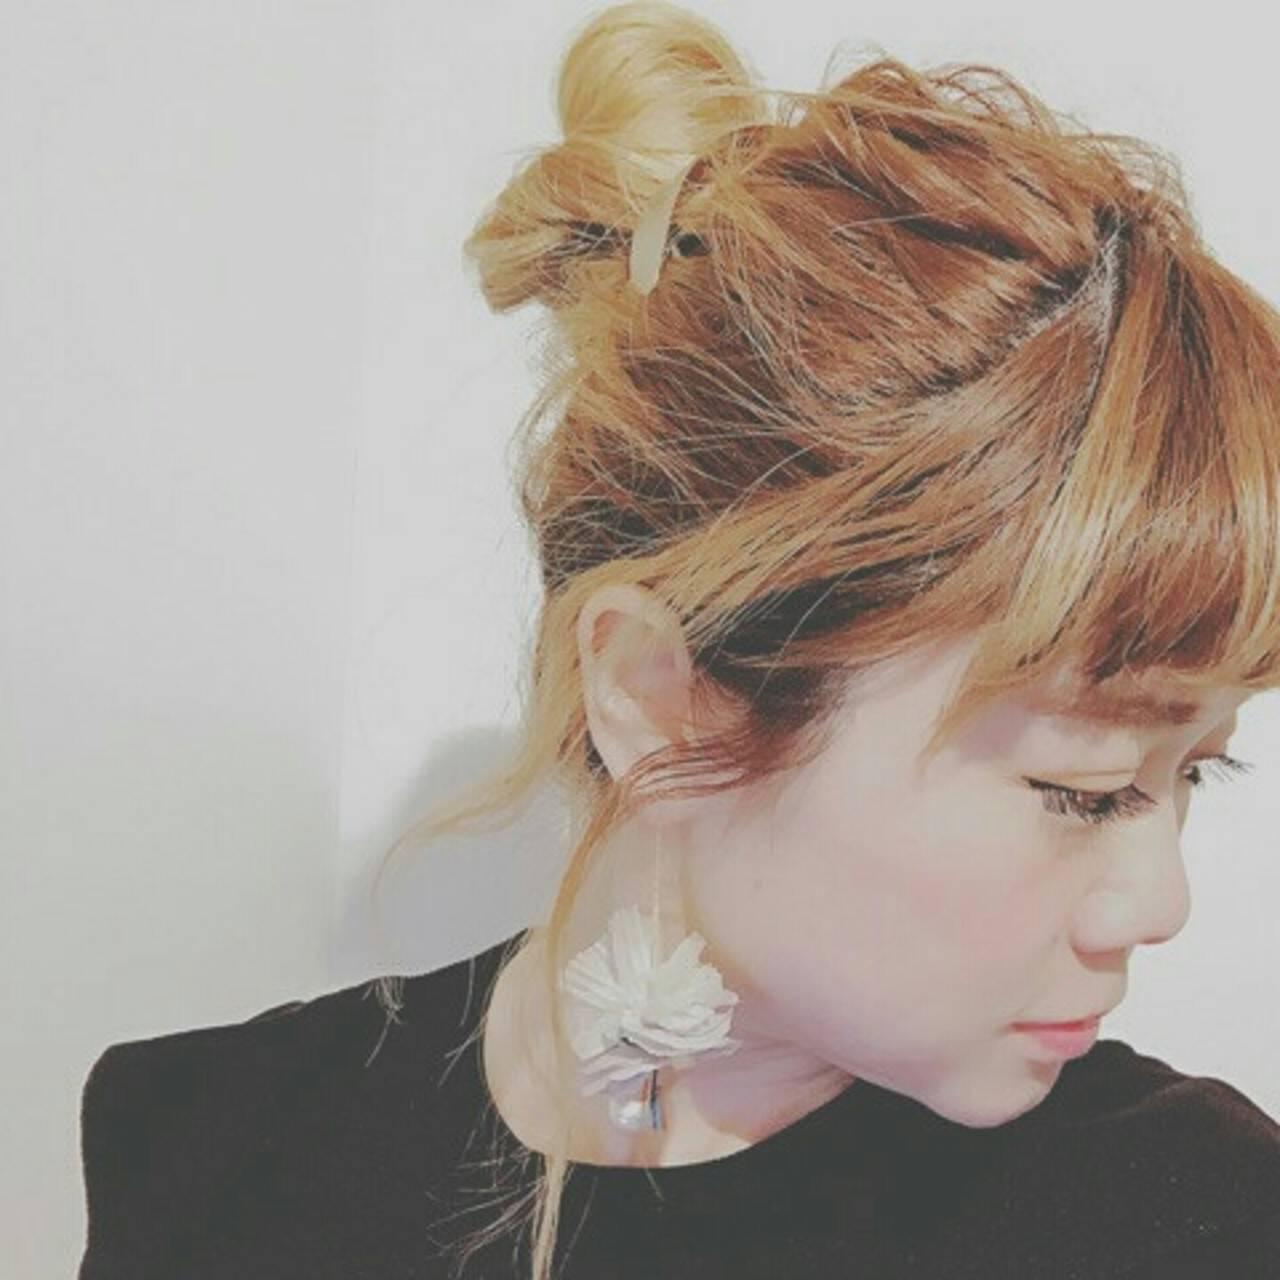 グラデーションカラー 外国人風 ショート ヘアアレンジヘアスタイルや髪型の写真・画像